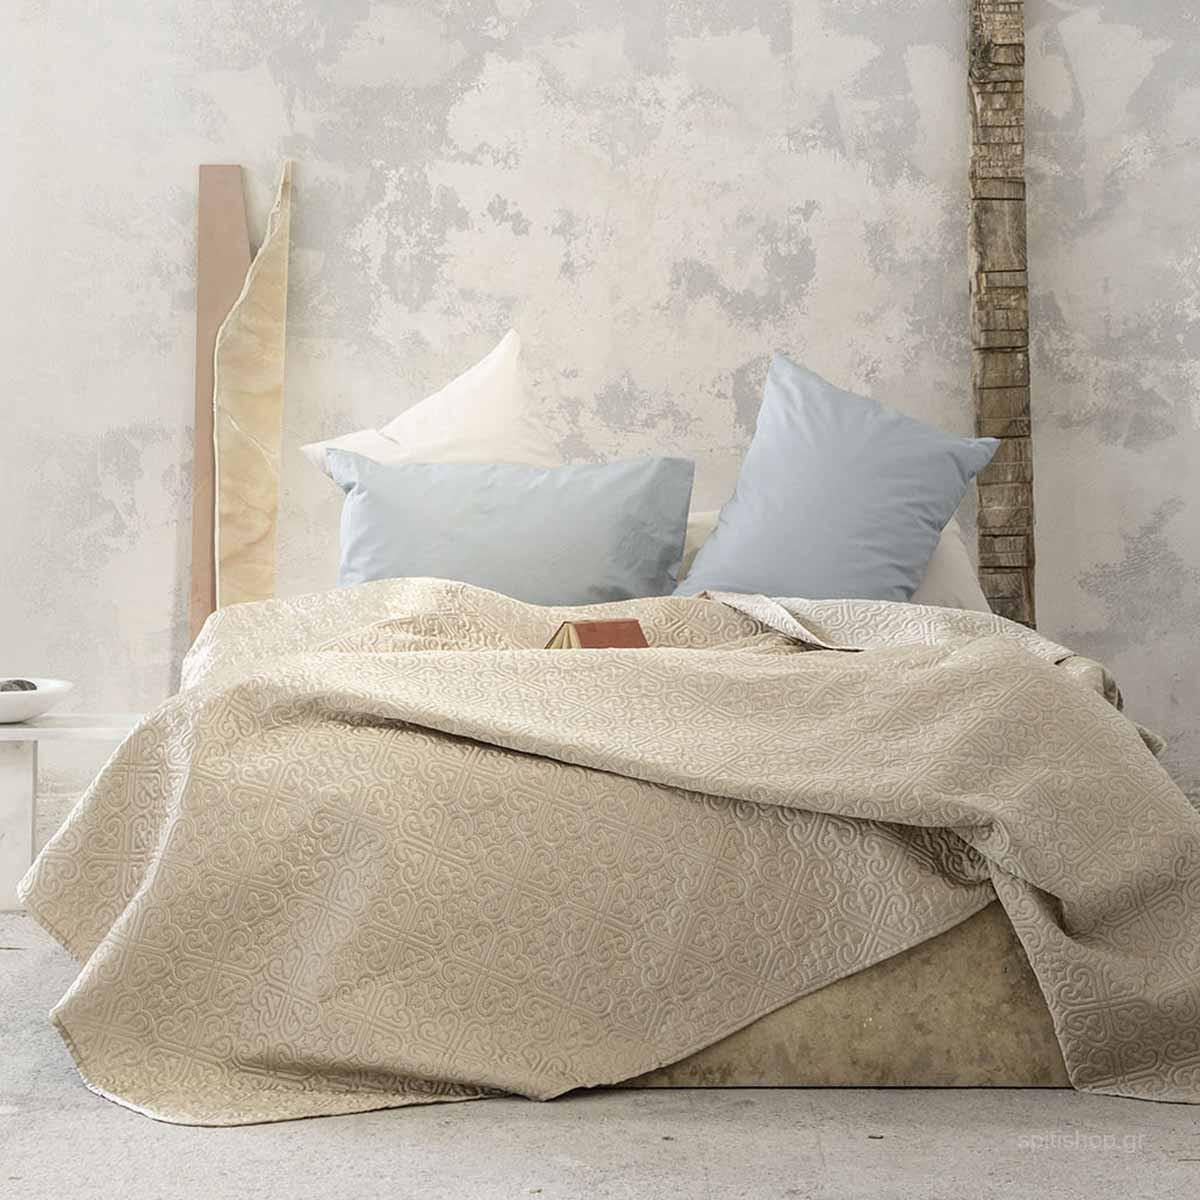 Κουβερλί Μονό Nima Layers Adorn home   κρεβατοκάμαρα   κουβερλί   κουβερλί μονά